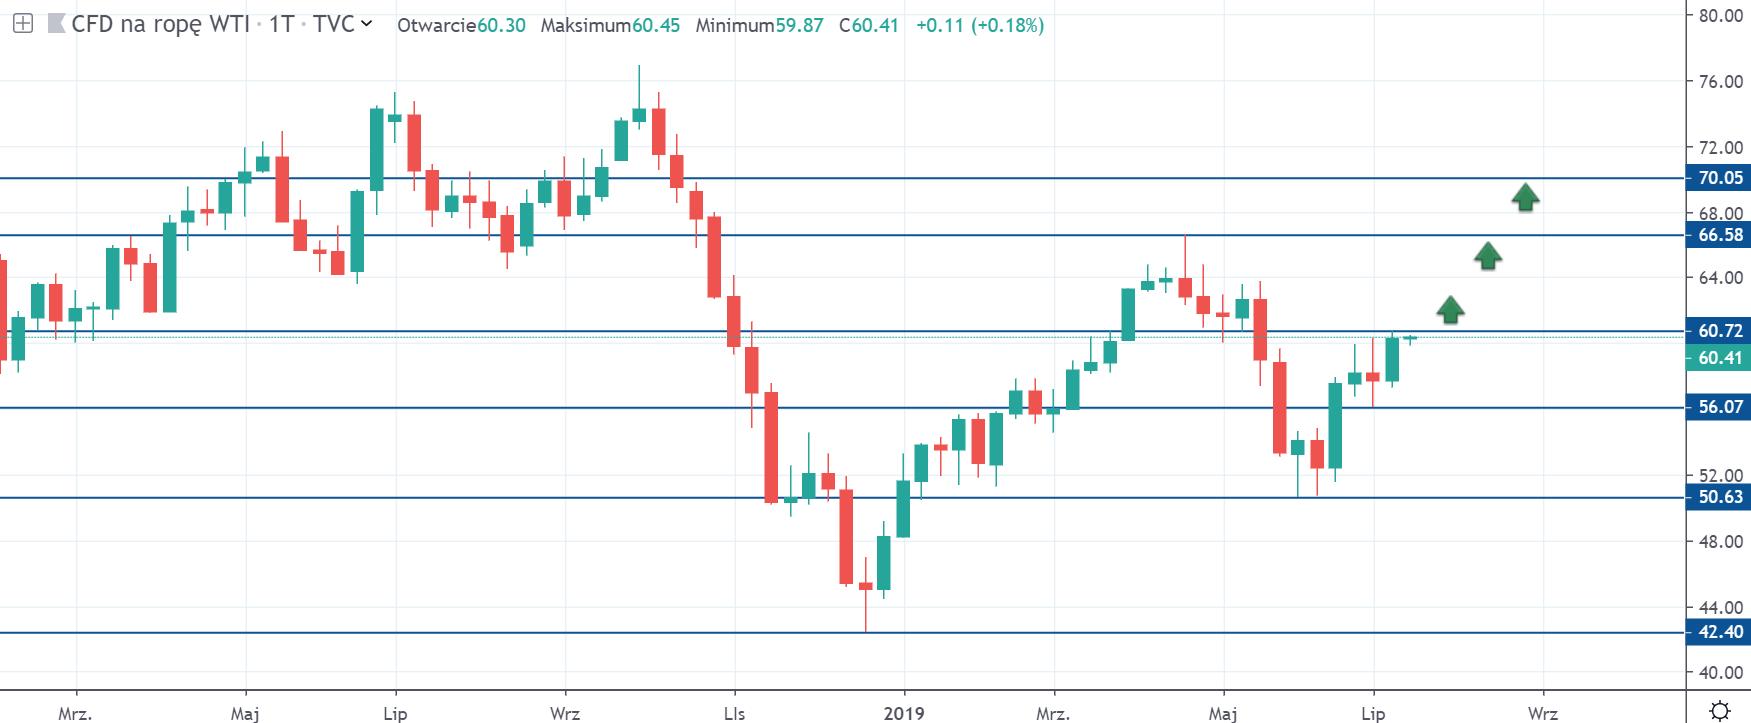 Prognoza kursu ropy WTI przez analityków Rabobanku